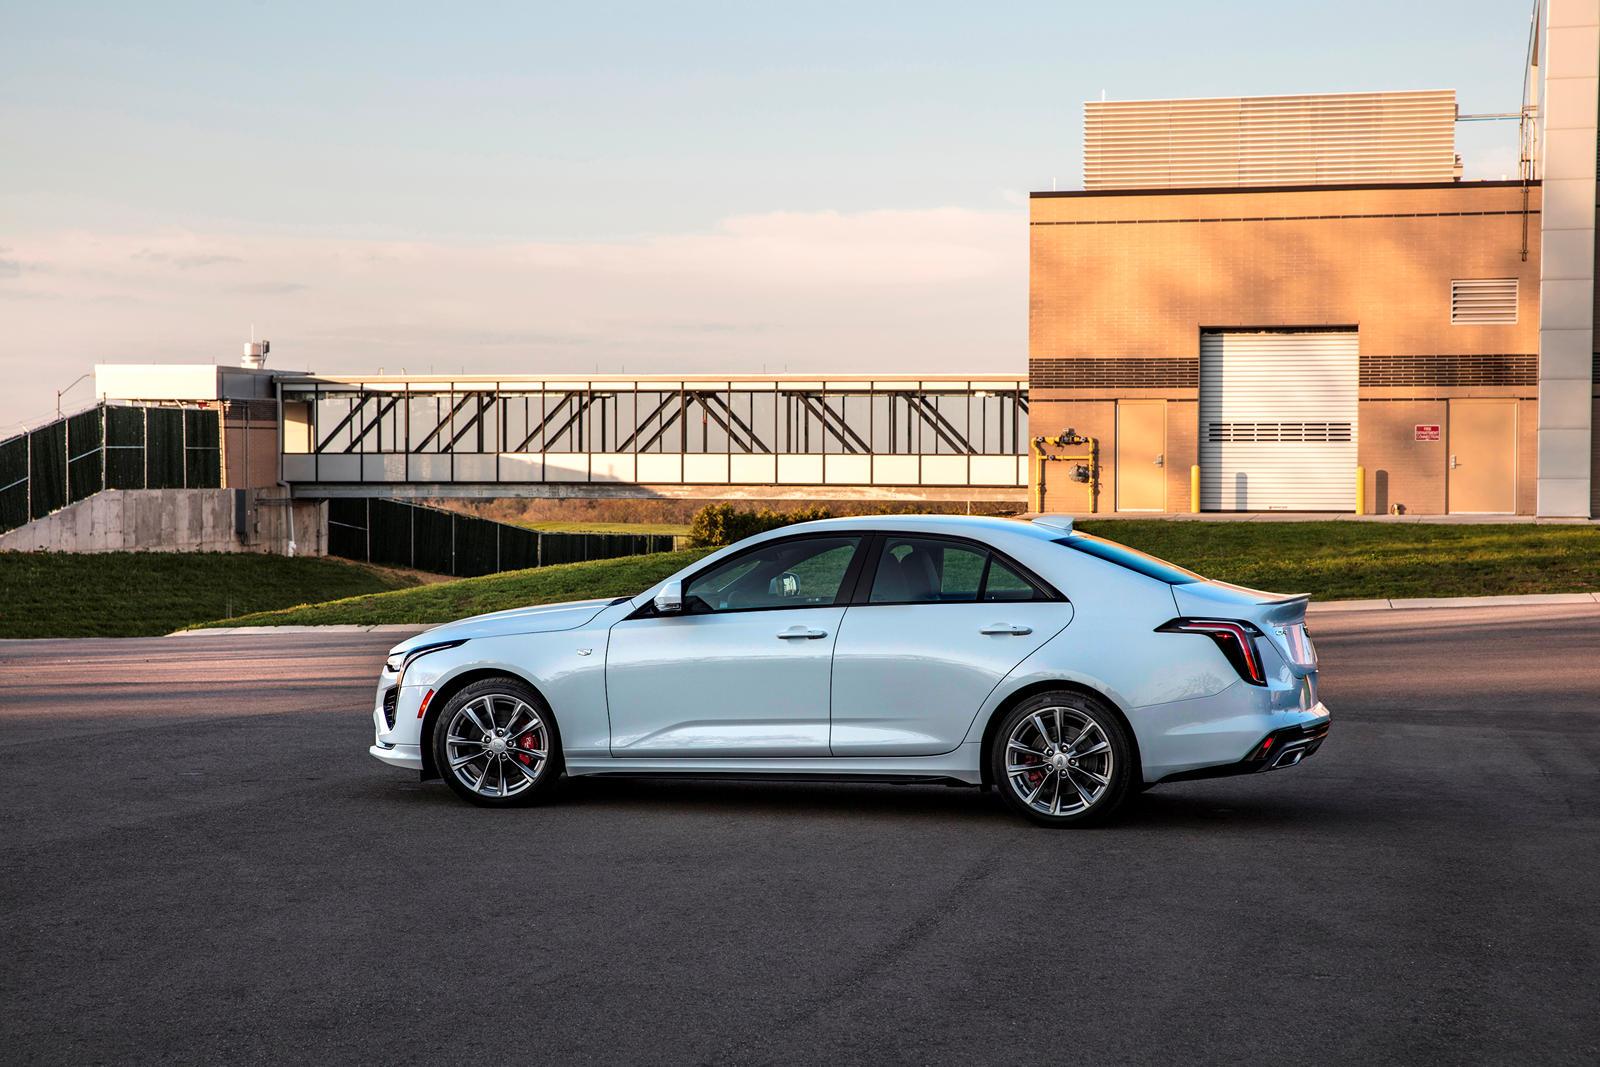 Очевидно, что General Motors уже предпринял шаги для исправления своей ошибки, и 1155 единиц CT4, которые имели неправильный значок при выезде с завода в Лансинг-Гранд-Ривер, будут правильно зарегистрированы у дилеров в соответствии с сервисным бюлле